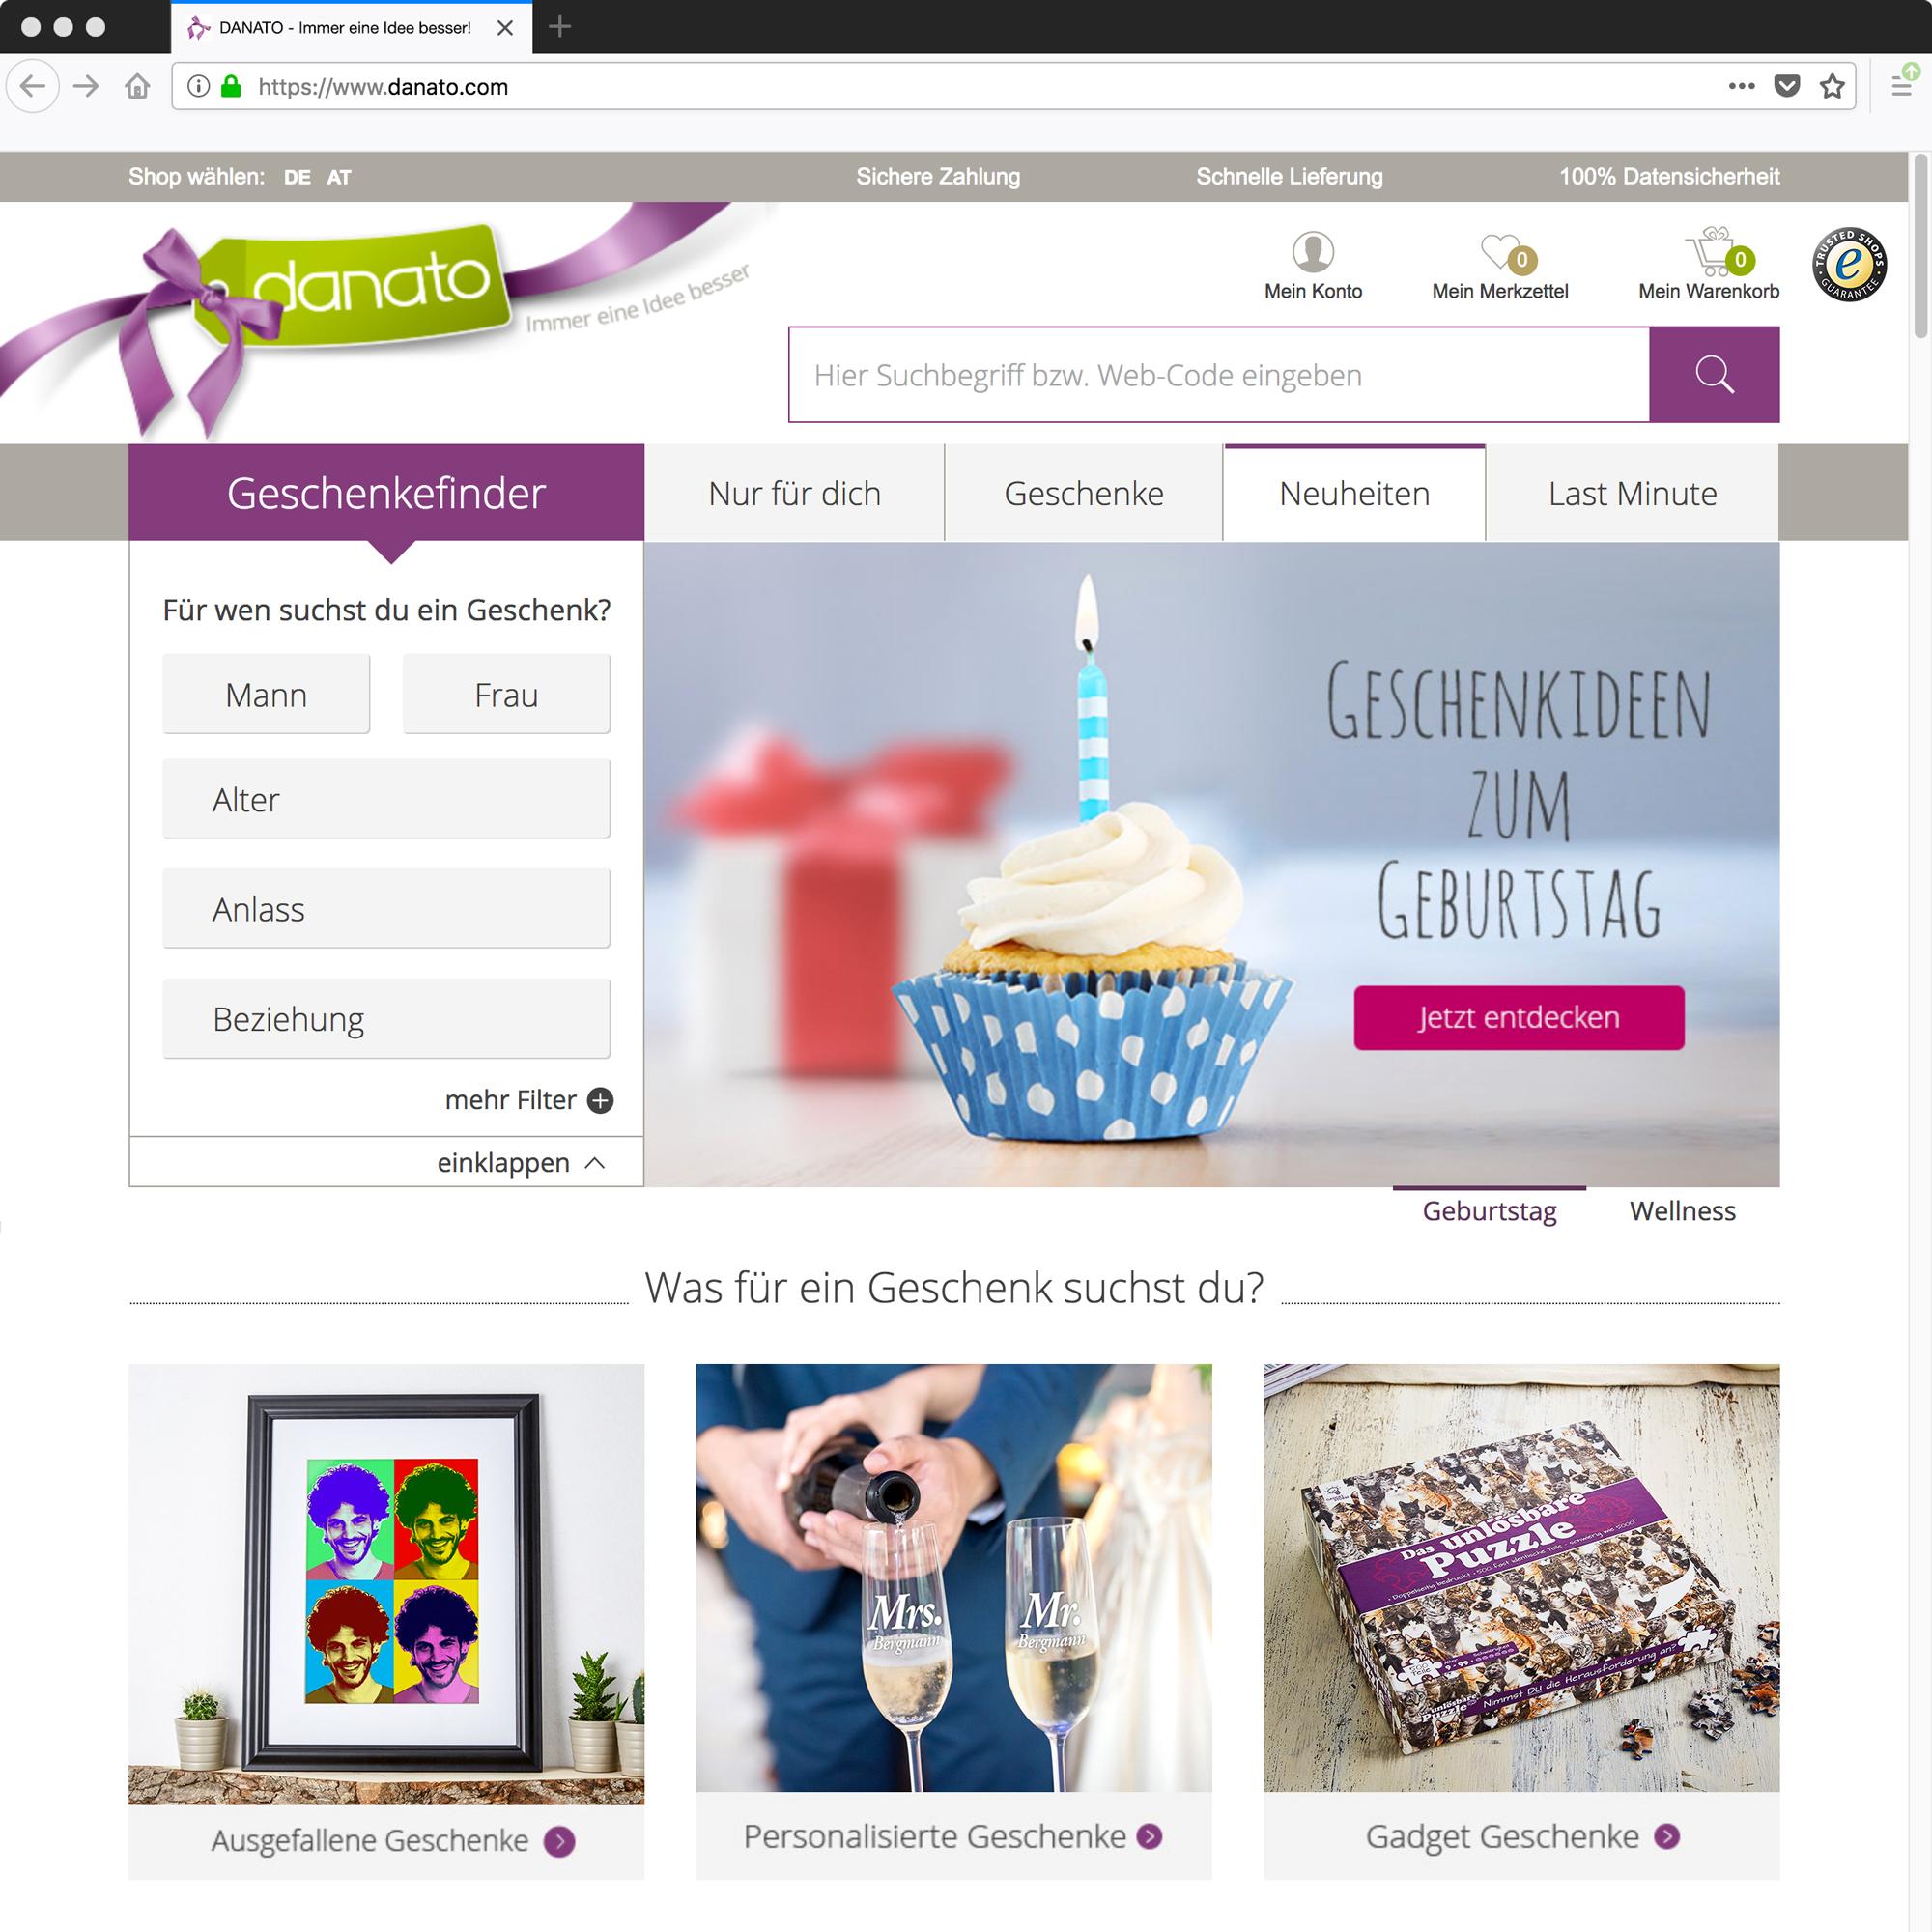 db2f1126cc2995 ▷ LPZ GmbH übernimmt Online-Shop Danato von Gruner + Jahr ...